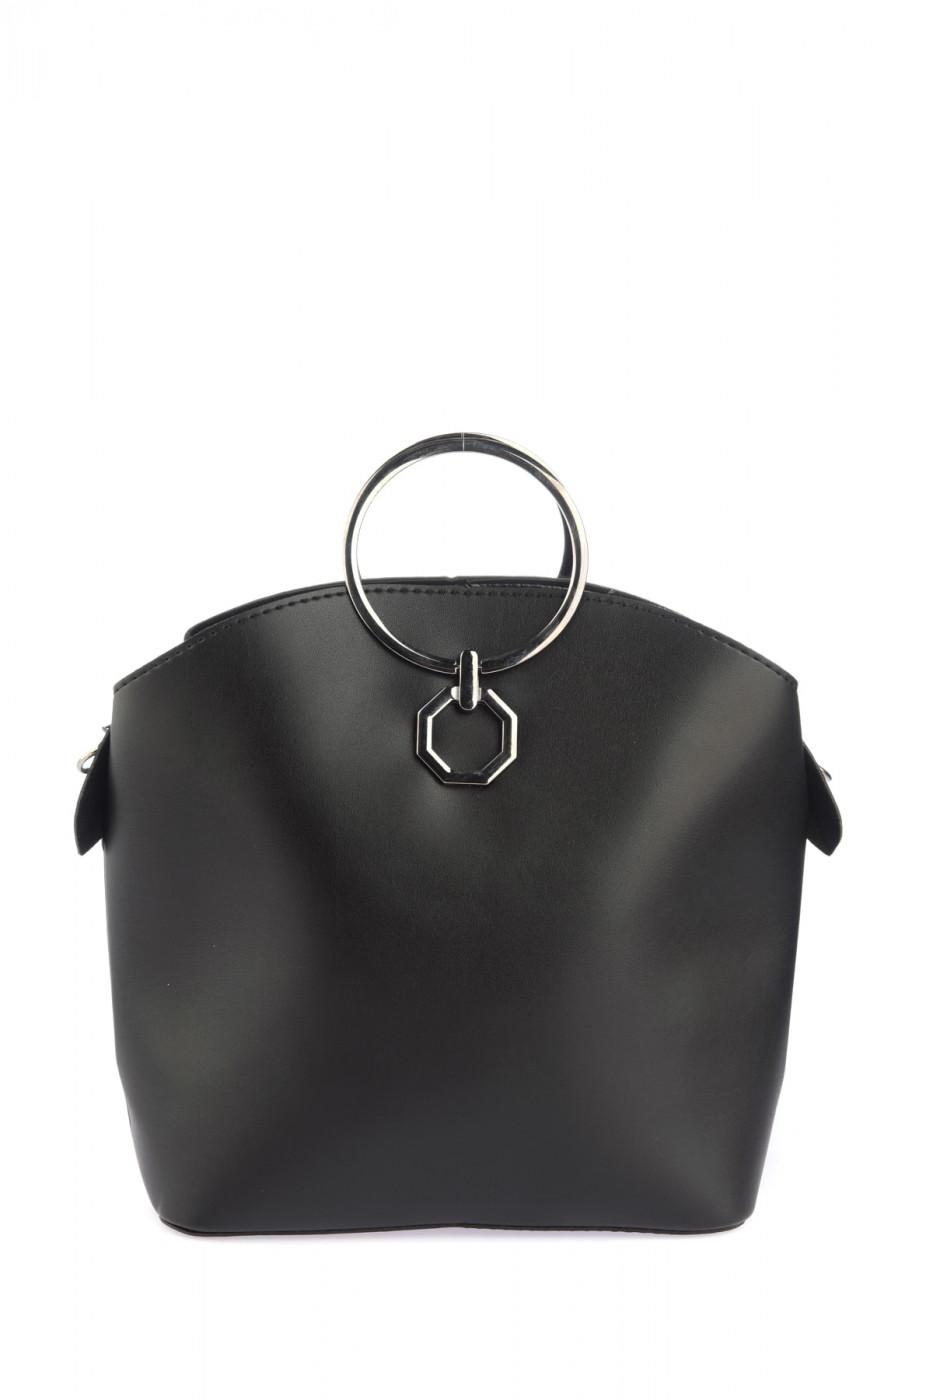 Trendyol Black Buckle Detailed Women's Shoulder Bag